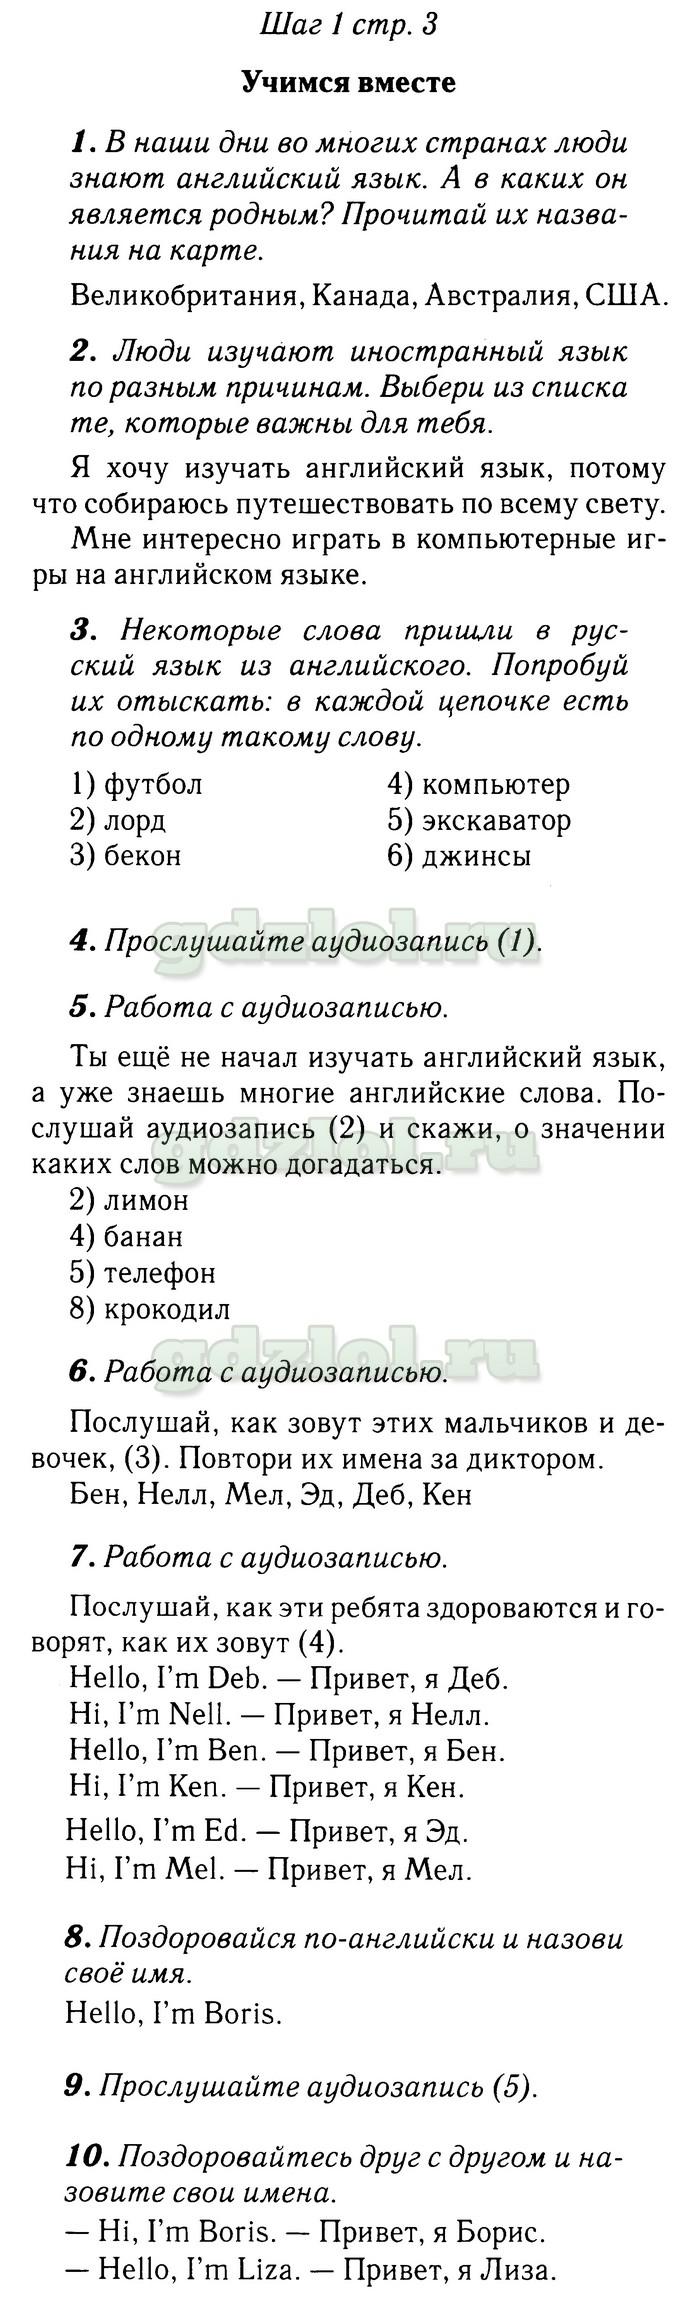 аудиозапись английский язык 3 класс афанасьева учебник